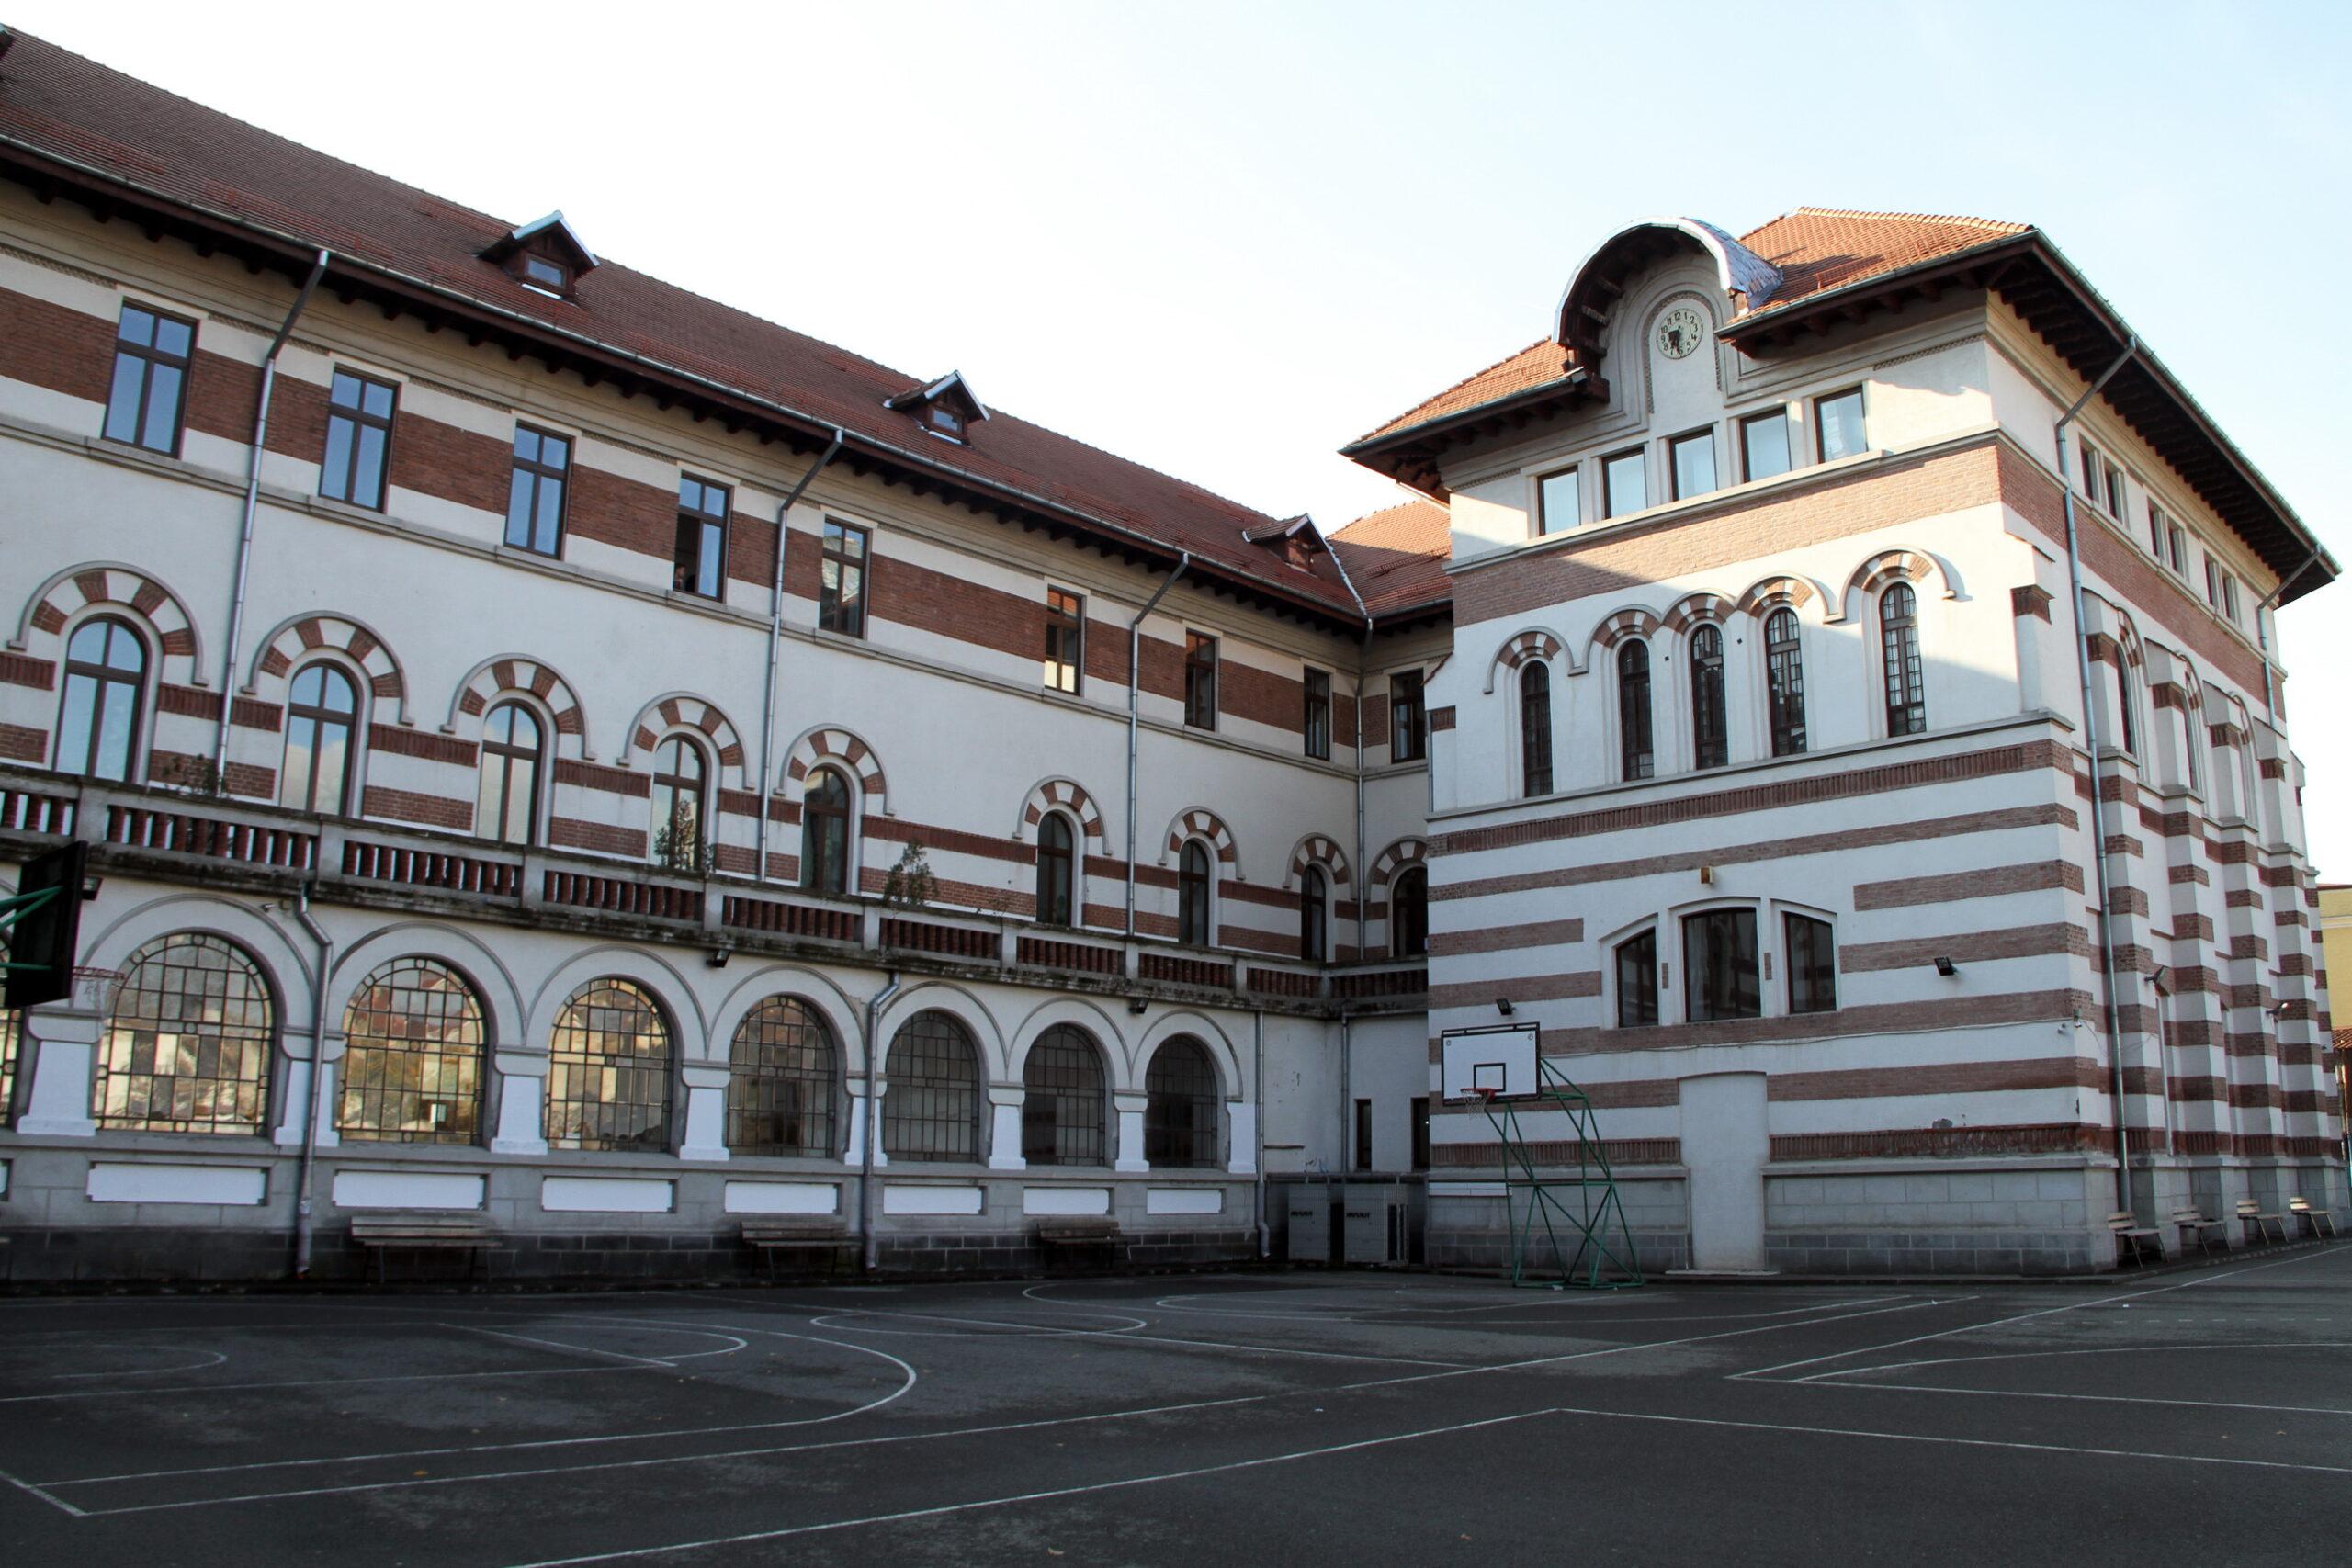 Liceul_Mihai-Viteazul_stânga_parter_coridorul fostei cantine